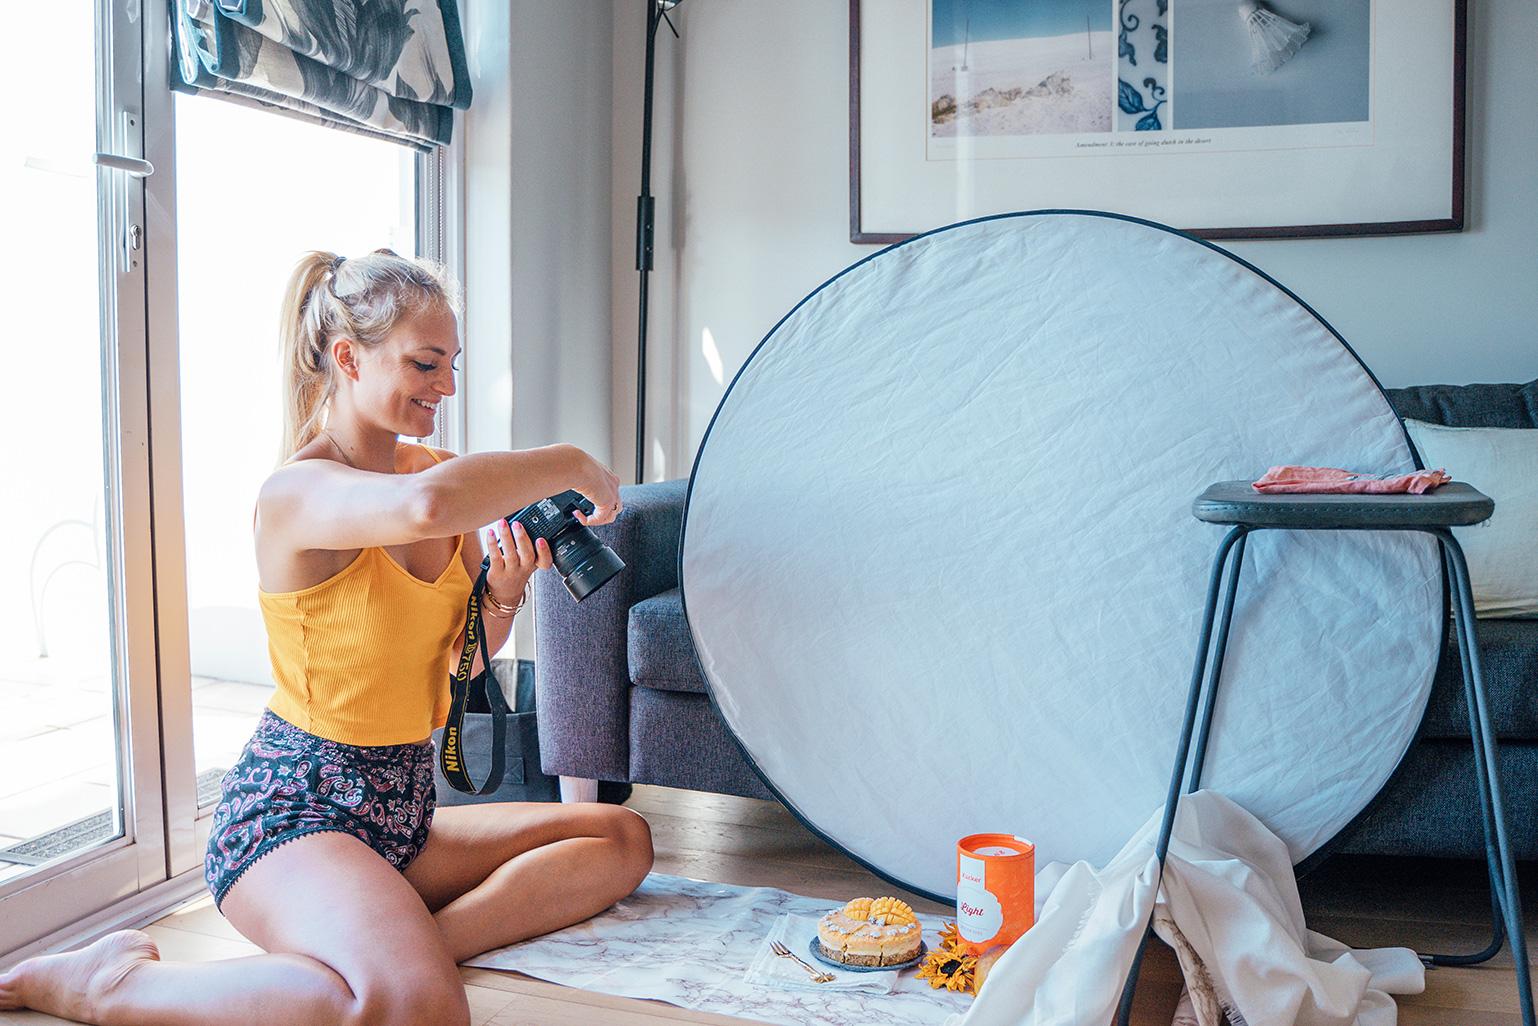 Bloggerin Carina Baier